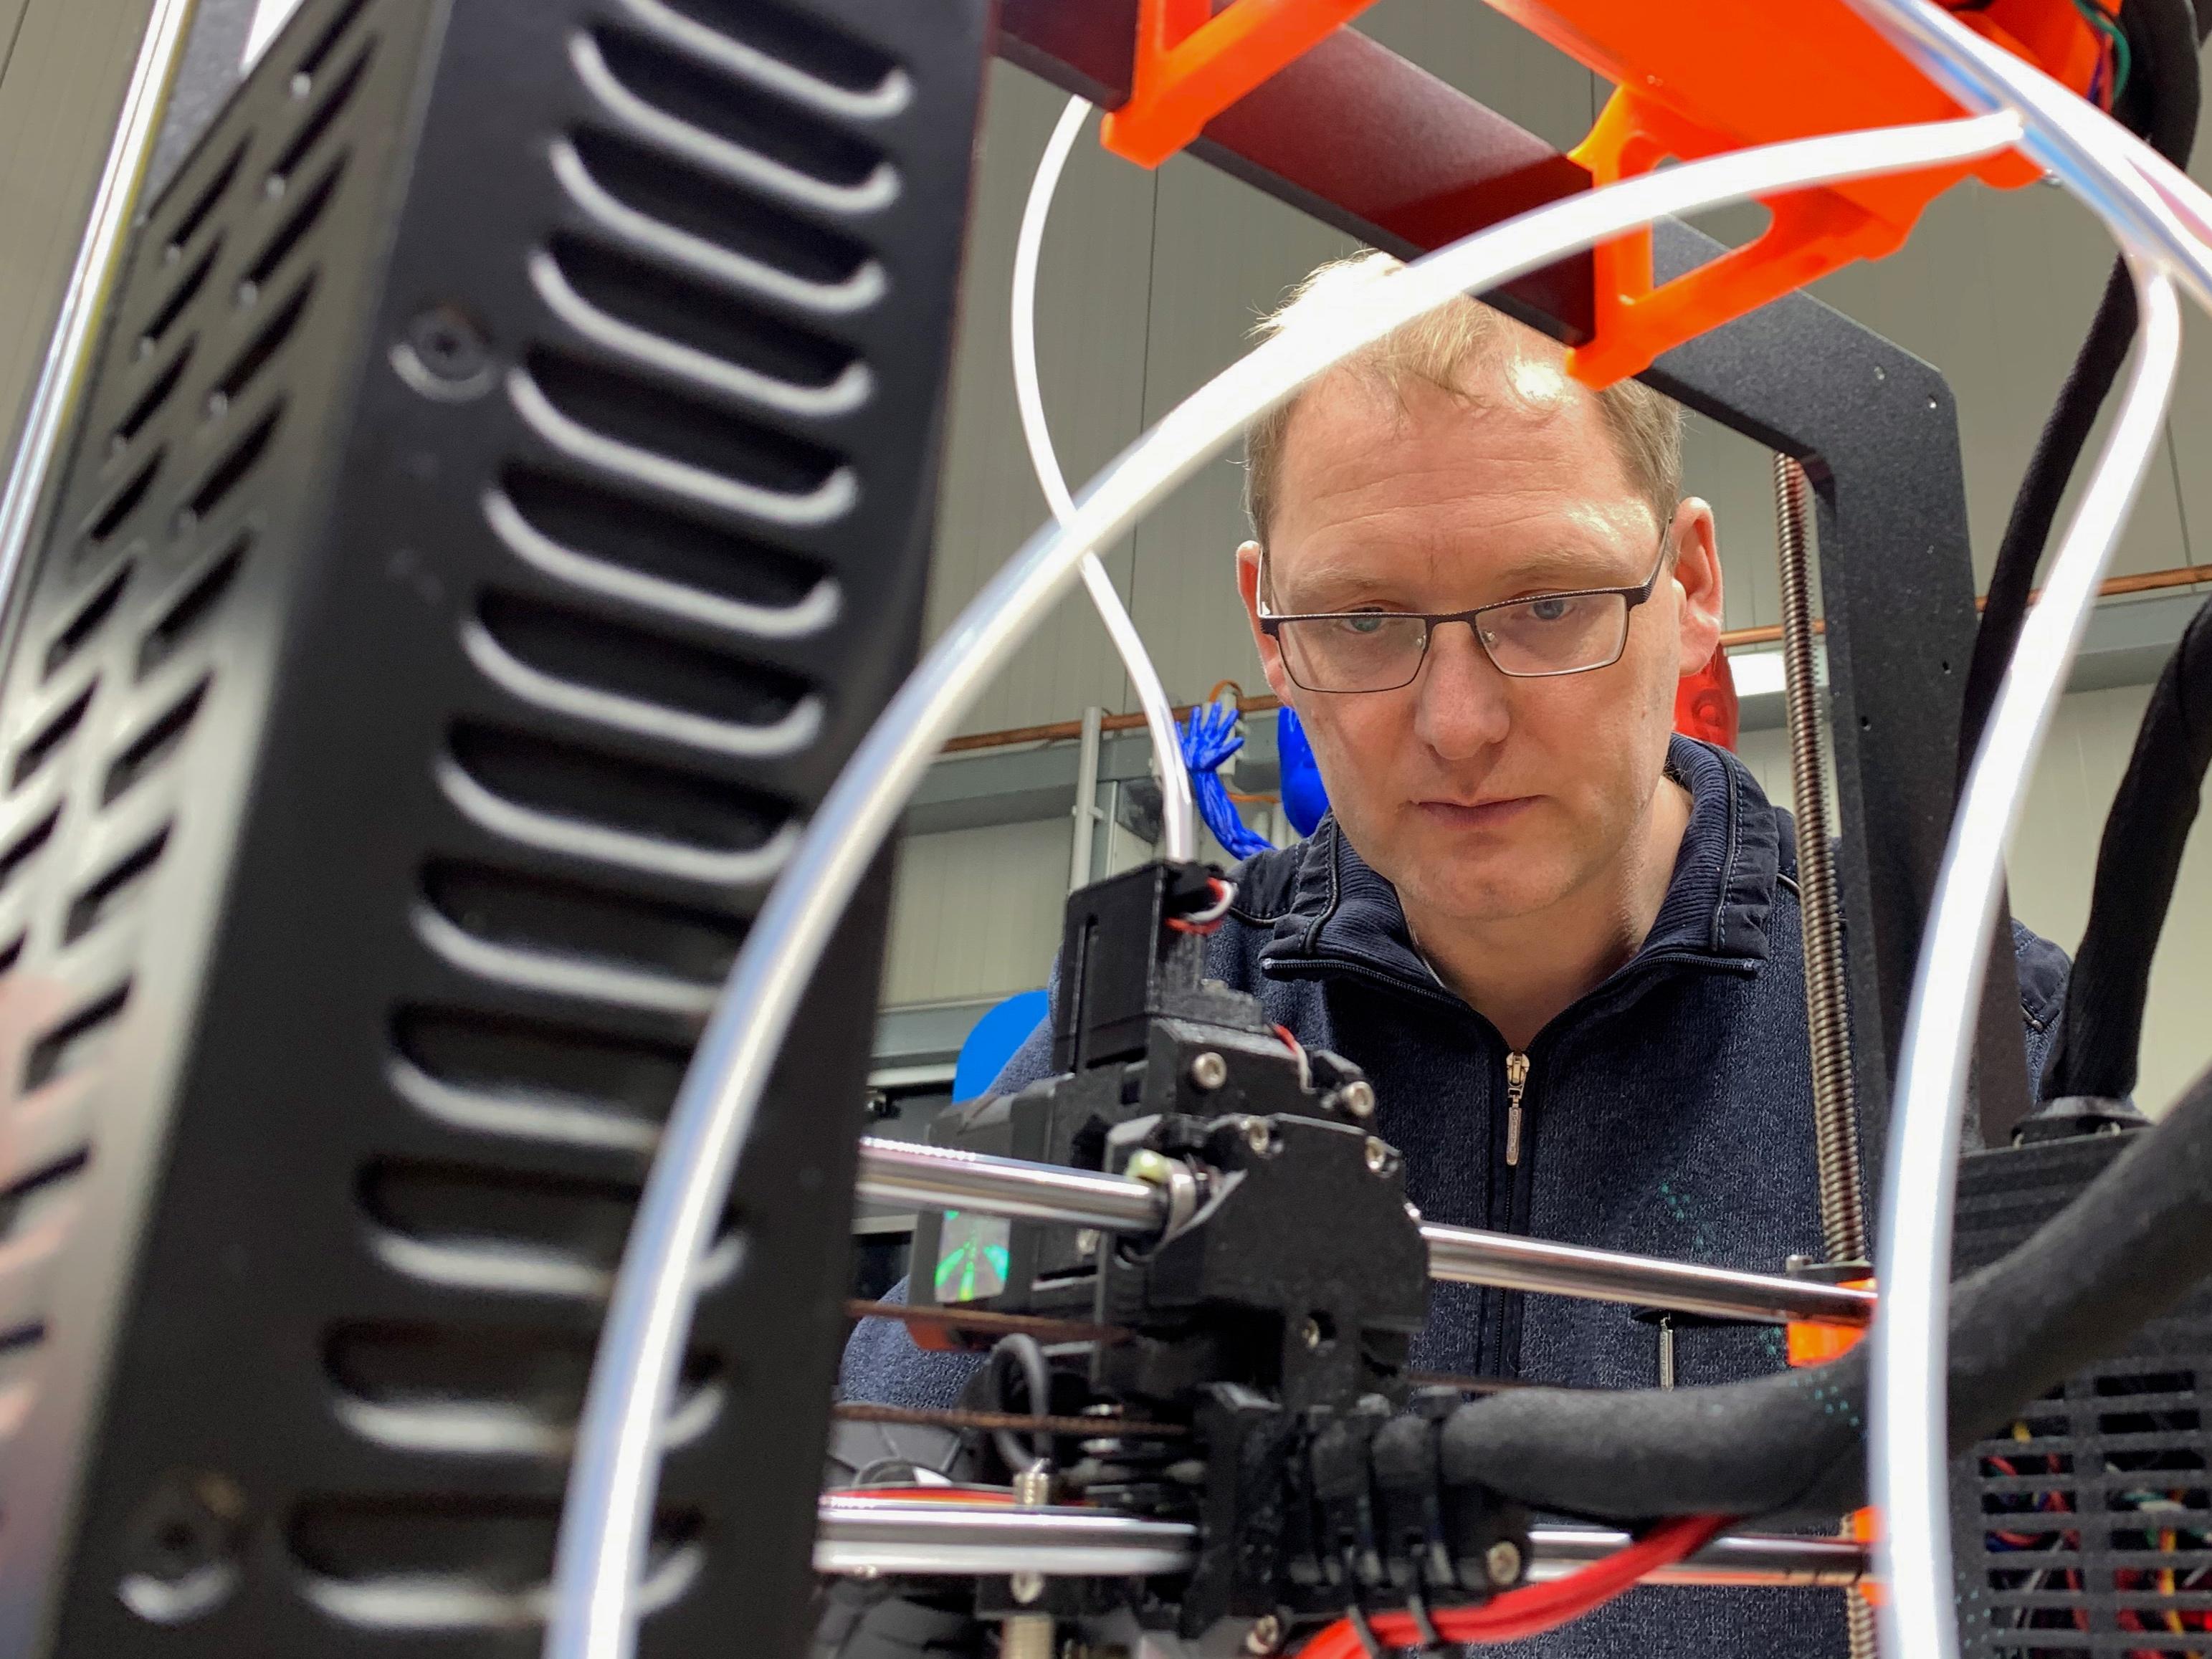 Der Leiter des 3D-Druck-Zentrums in Soest, Jens Bechthold, überprüft die Druckqualität.